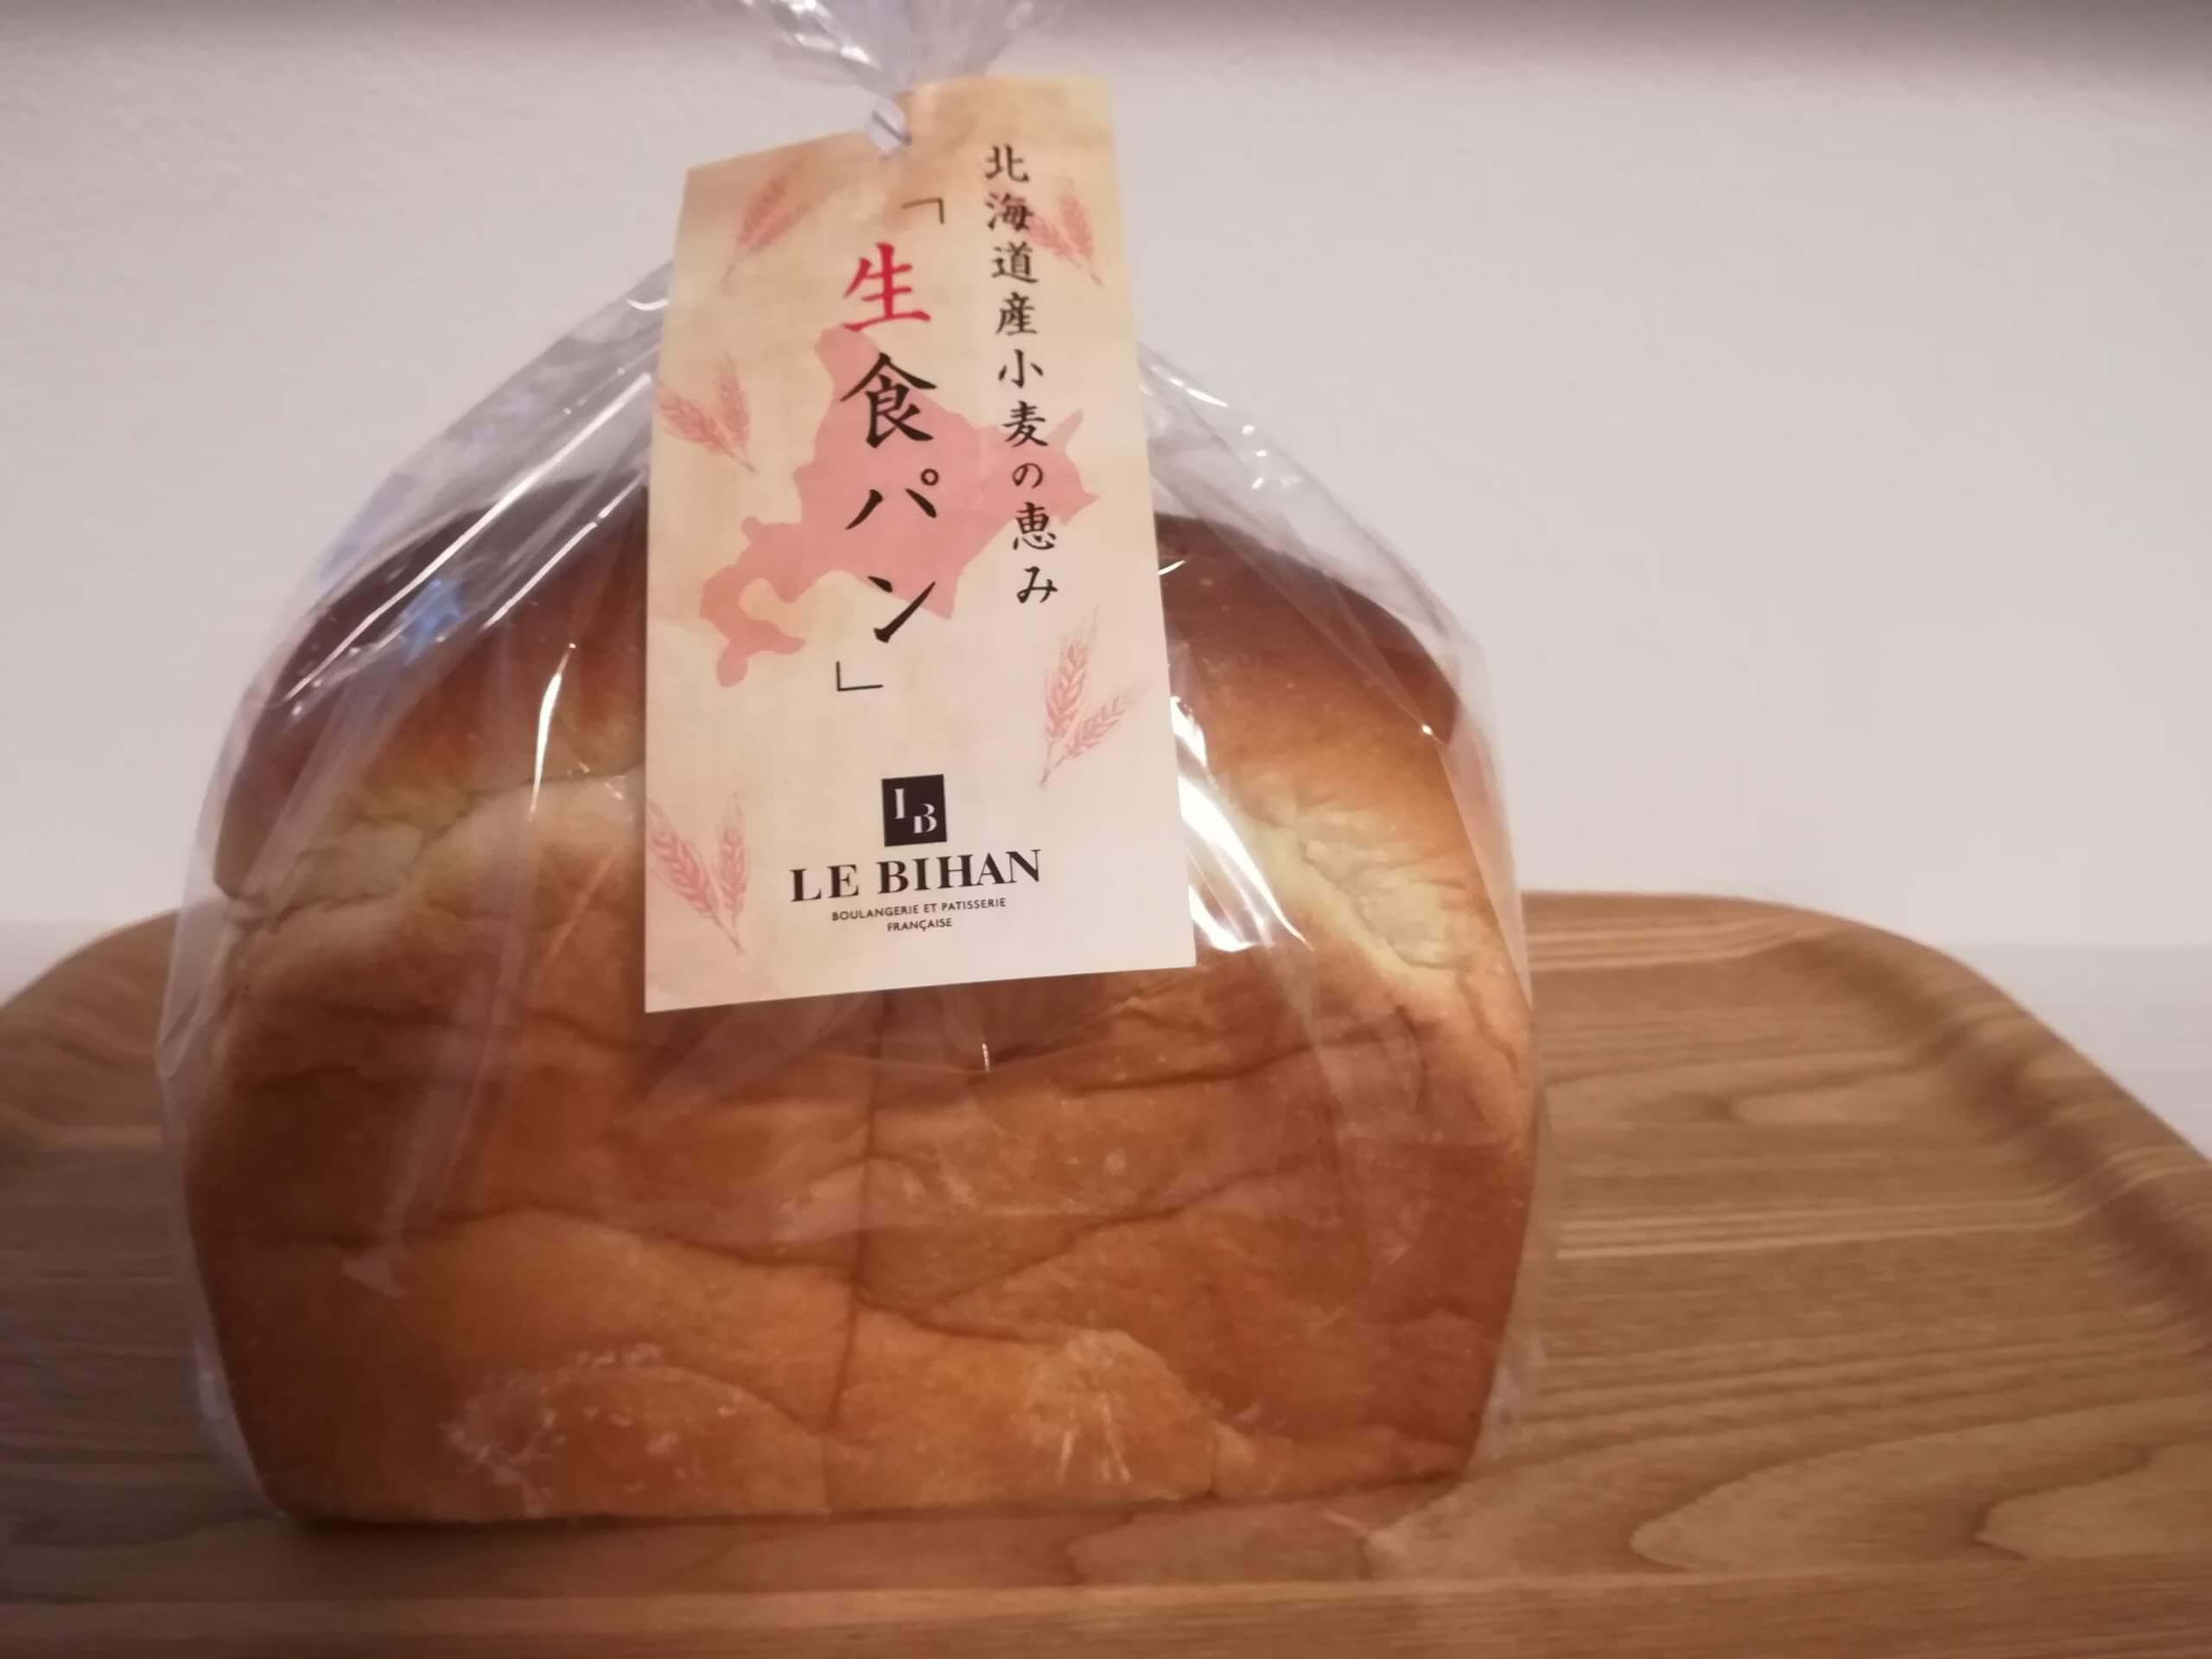 ルビアンの生食パン